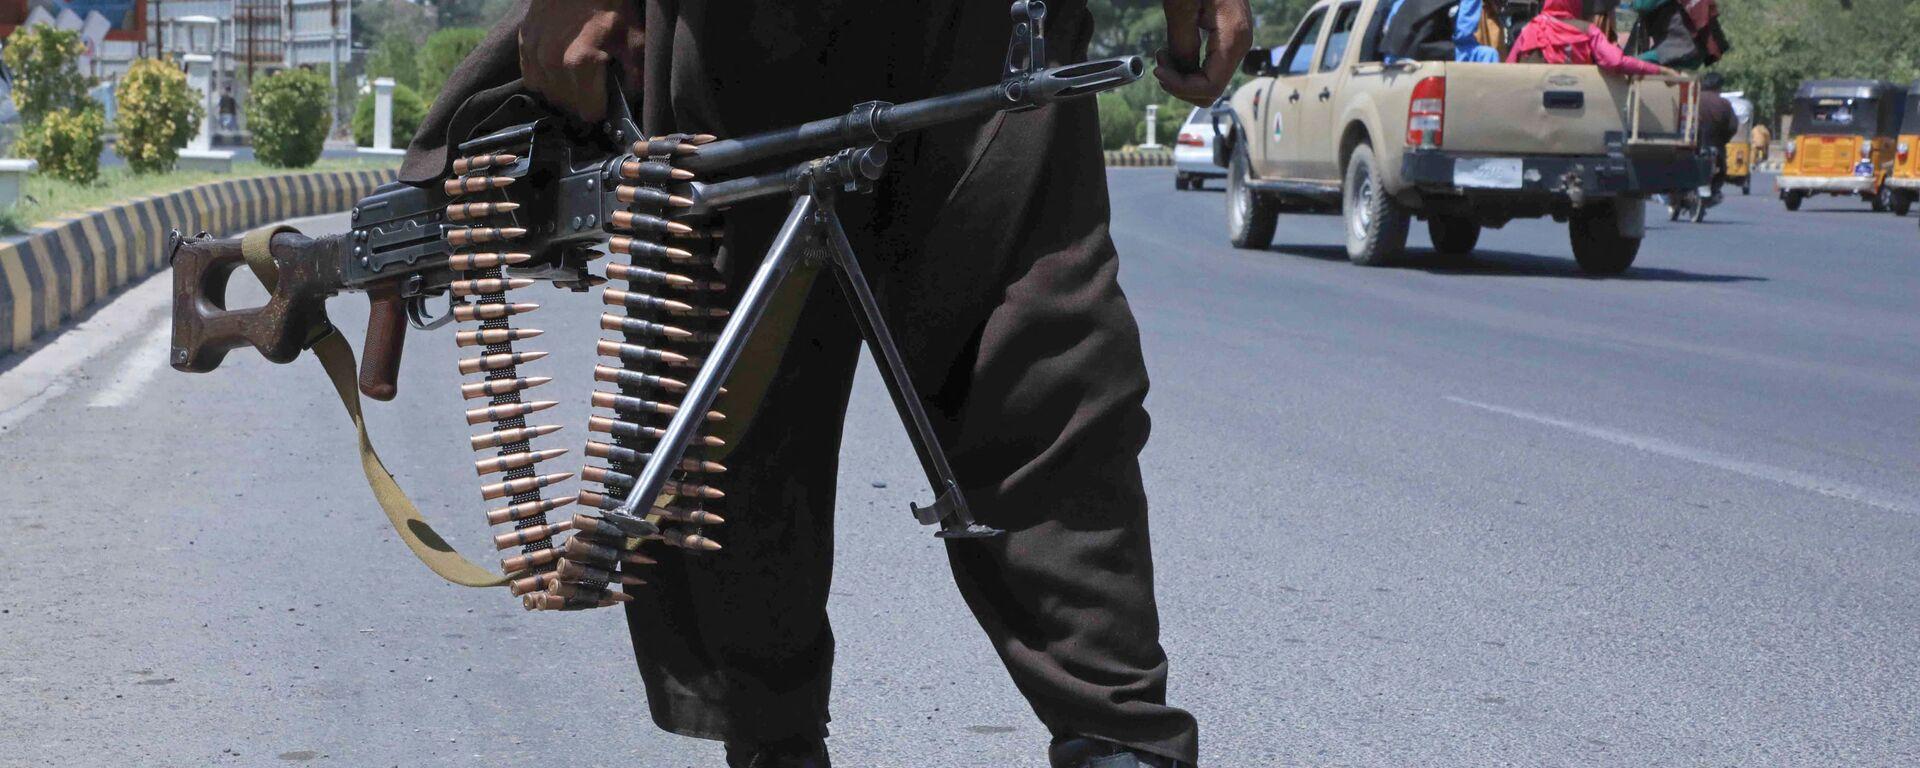 Припадник Талибана у Авганистану  - Sputnik Србија, 1920, 06.09.2021